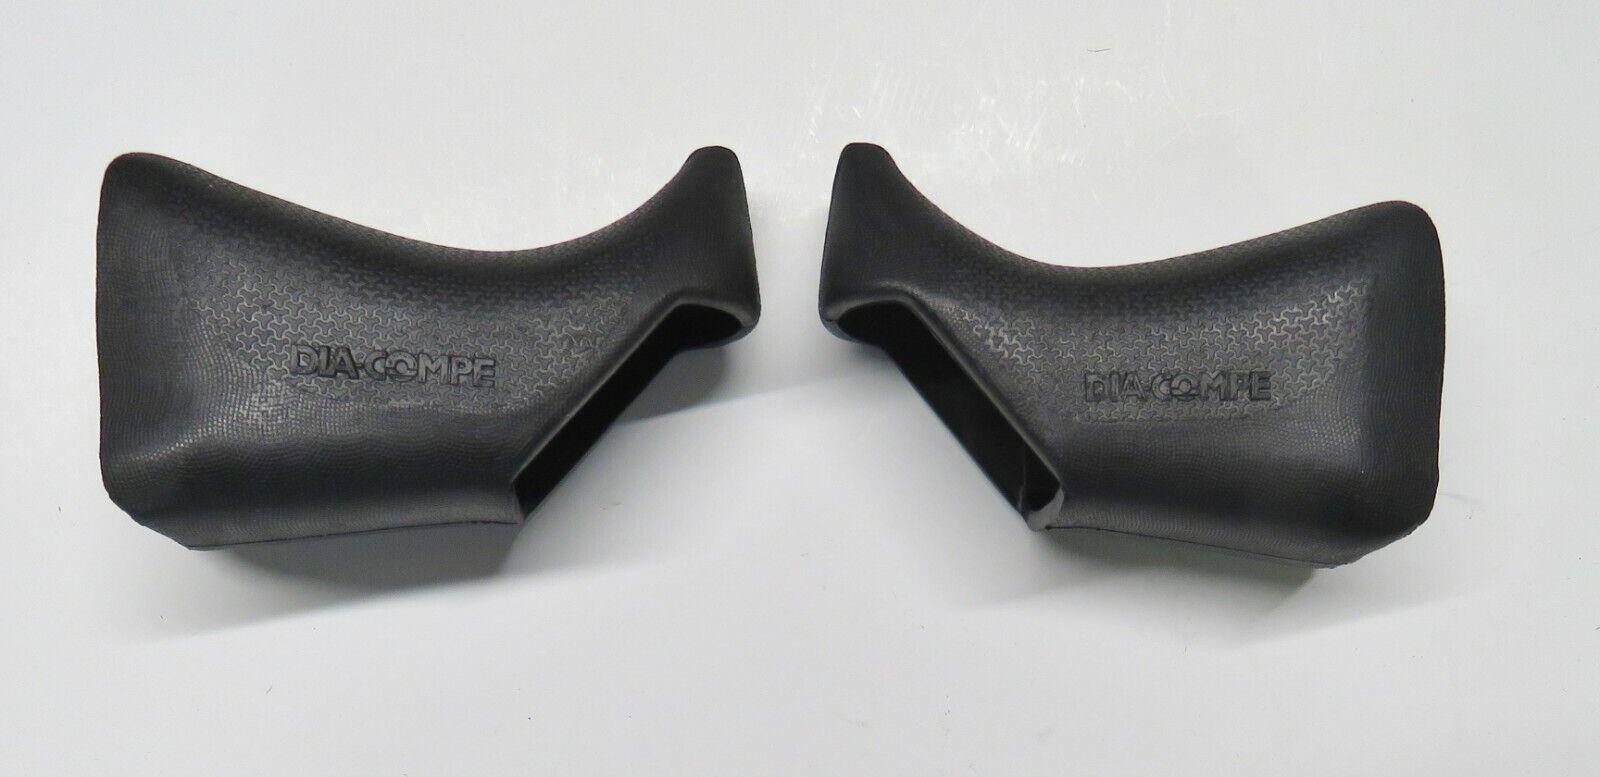 Dia Compe BL07 Aero Hottes-Marron-Fit Dia Compe BL-07 GC-07H et poignées de frein